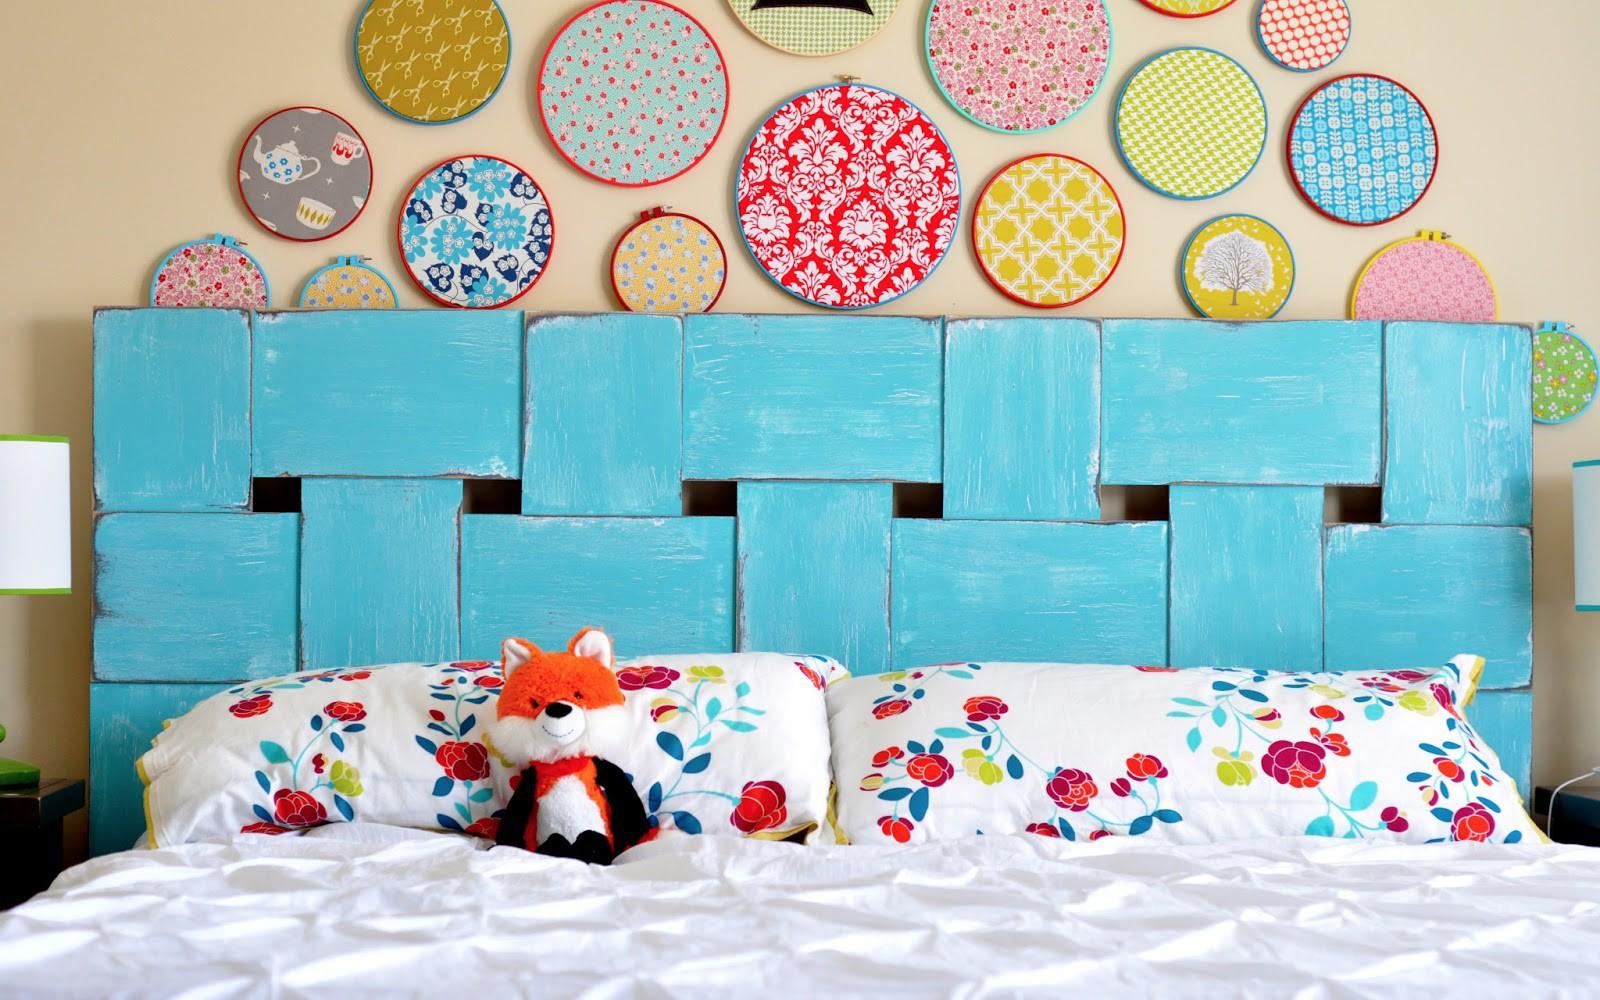 """Đừng quên làm mới phần quan trọng này trong phòng ngủ để có được một không gian nghỉ ngơi """"chuẩn chỉnh"""""""